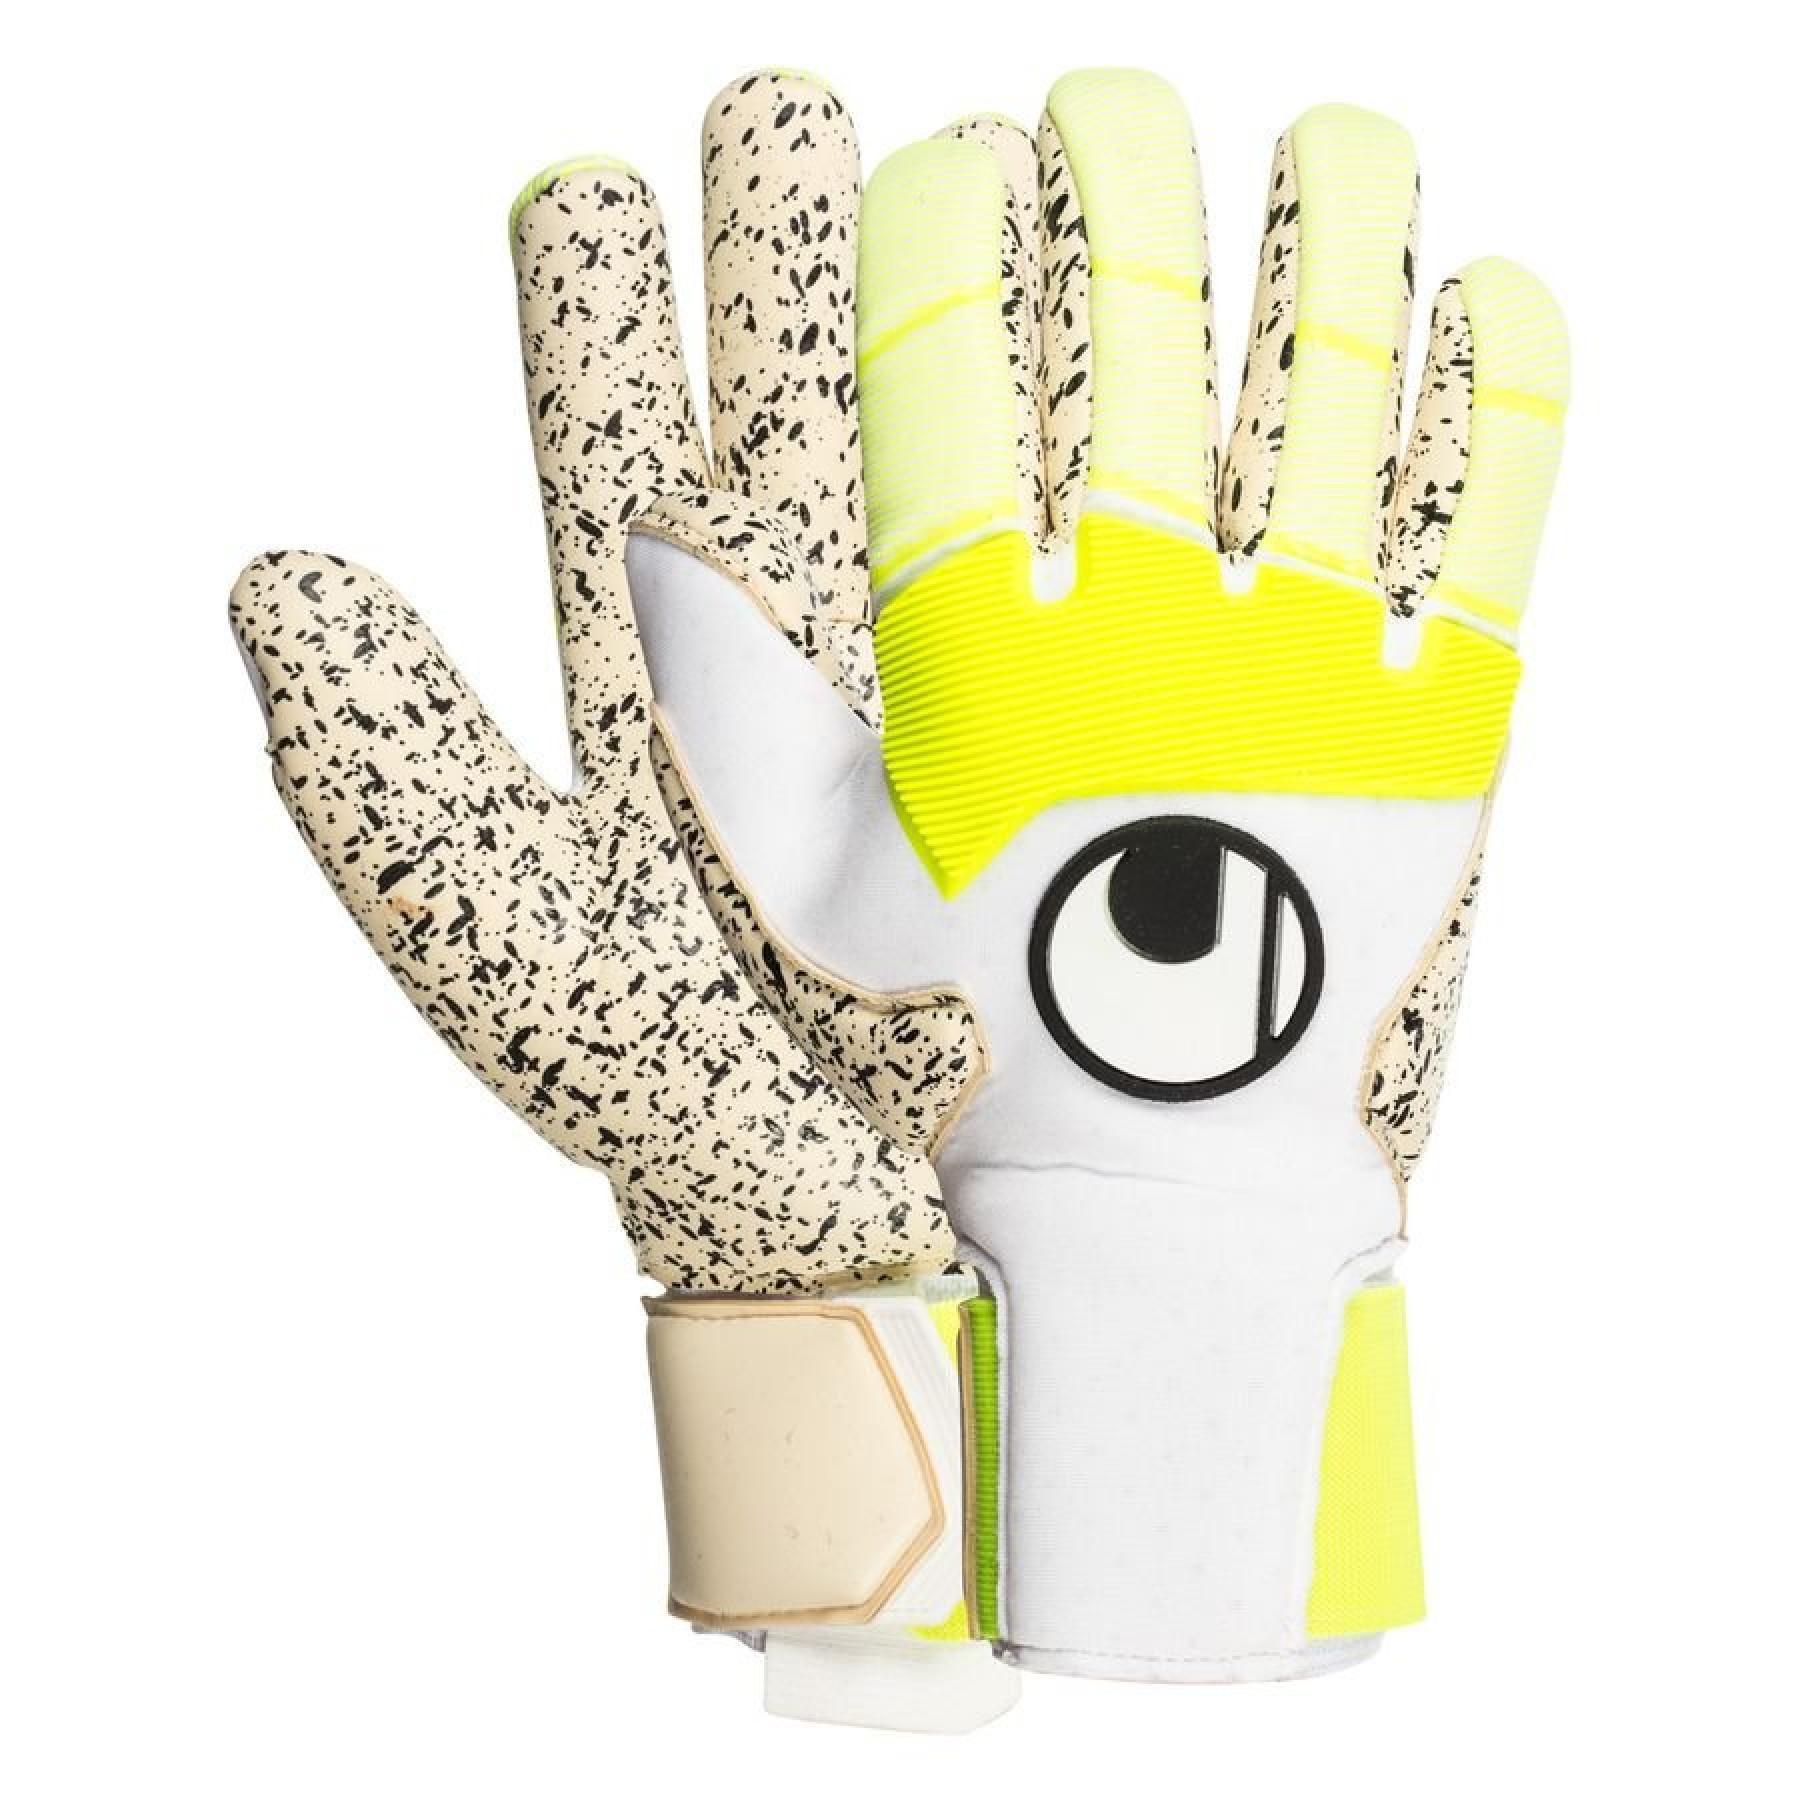 Torwarthandschuhe Uhlsport Pure Alliance SuperGrip+ Finger Surround